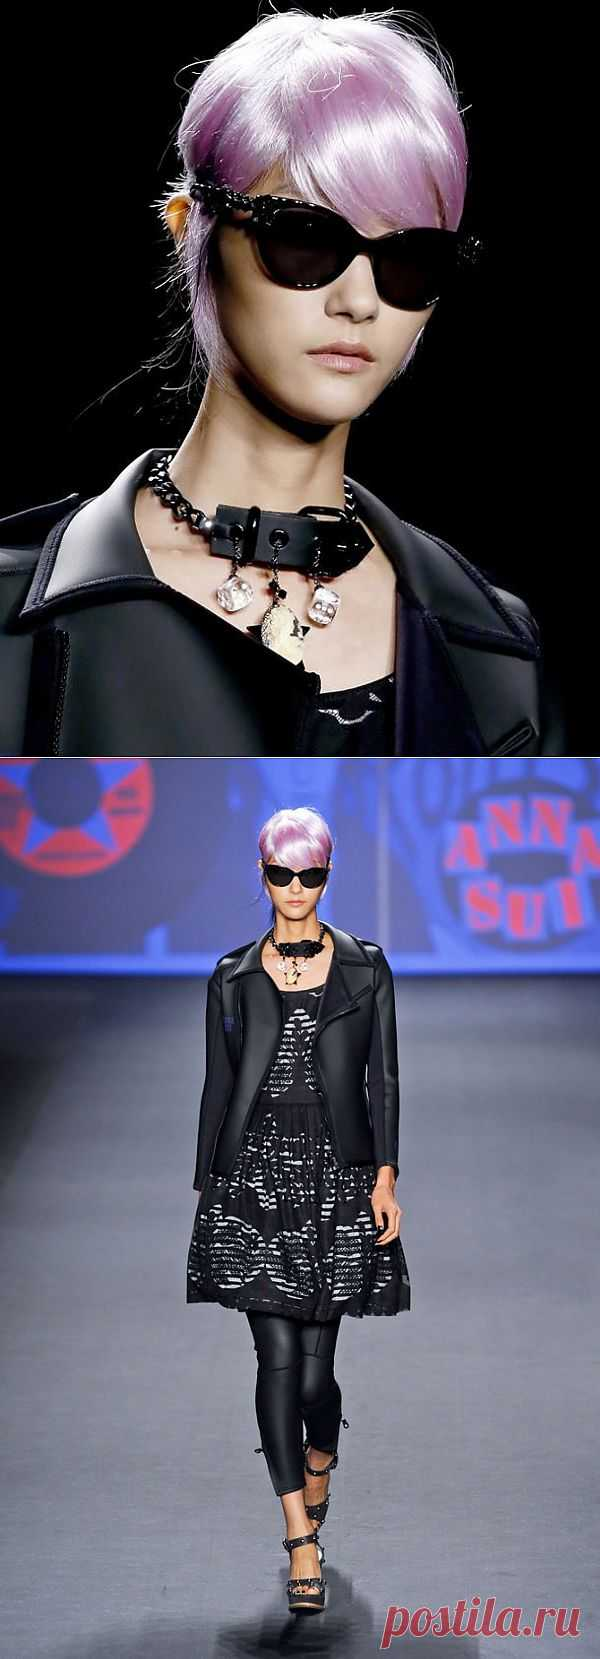 Колье Anna Sui / Украшения и бижутерия / Модный сайт о стильной переделке одежды и интерьера